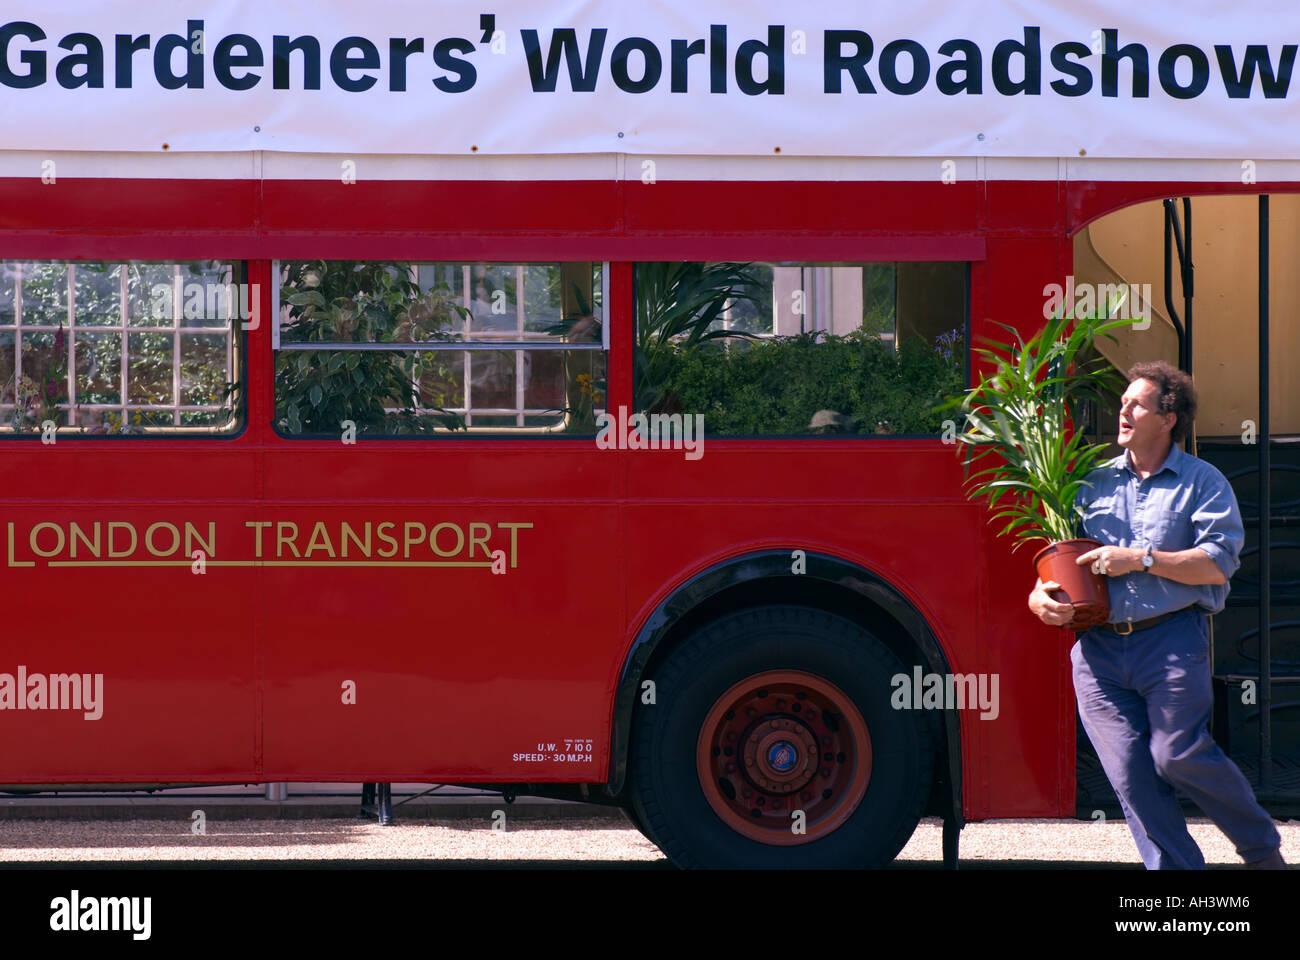 road show bus botanical gardens event gardens roadshow stock photos